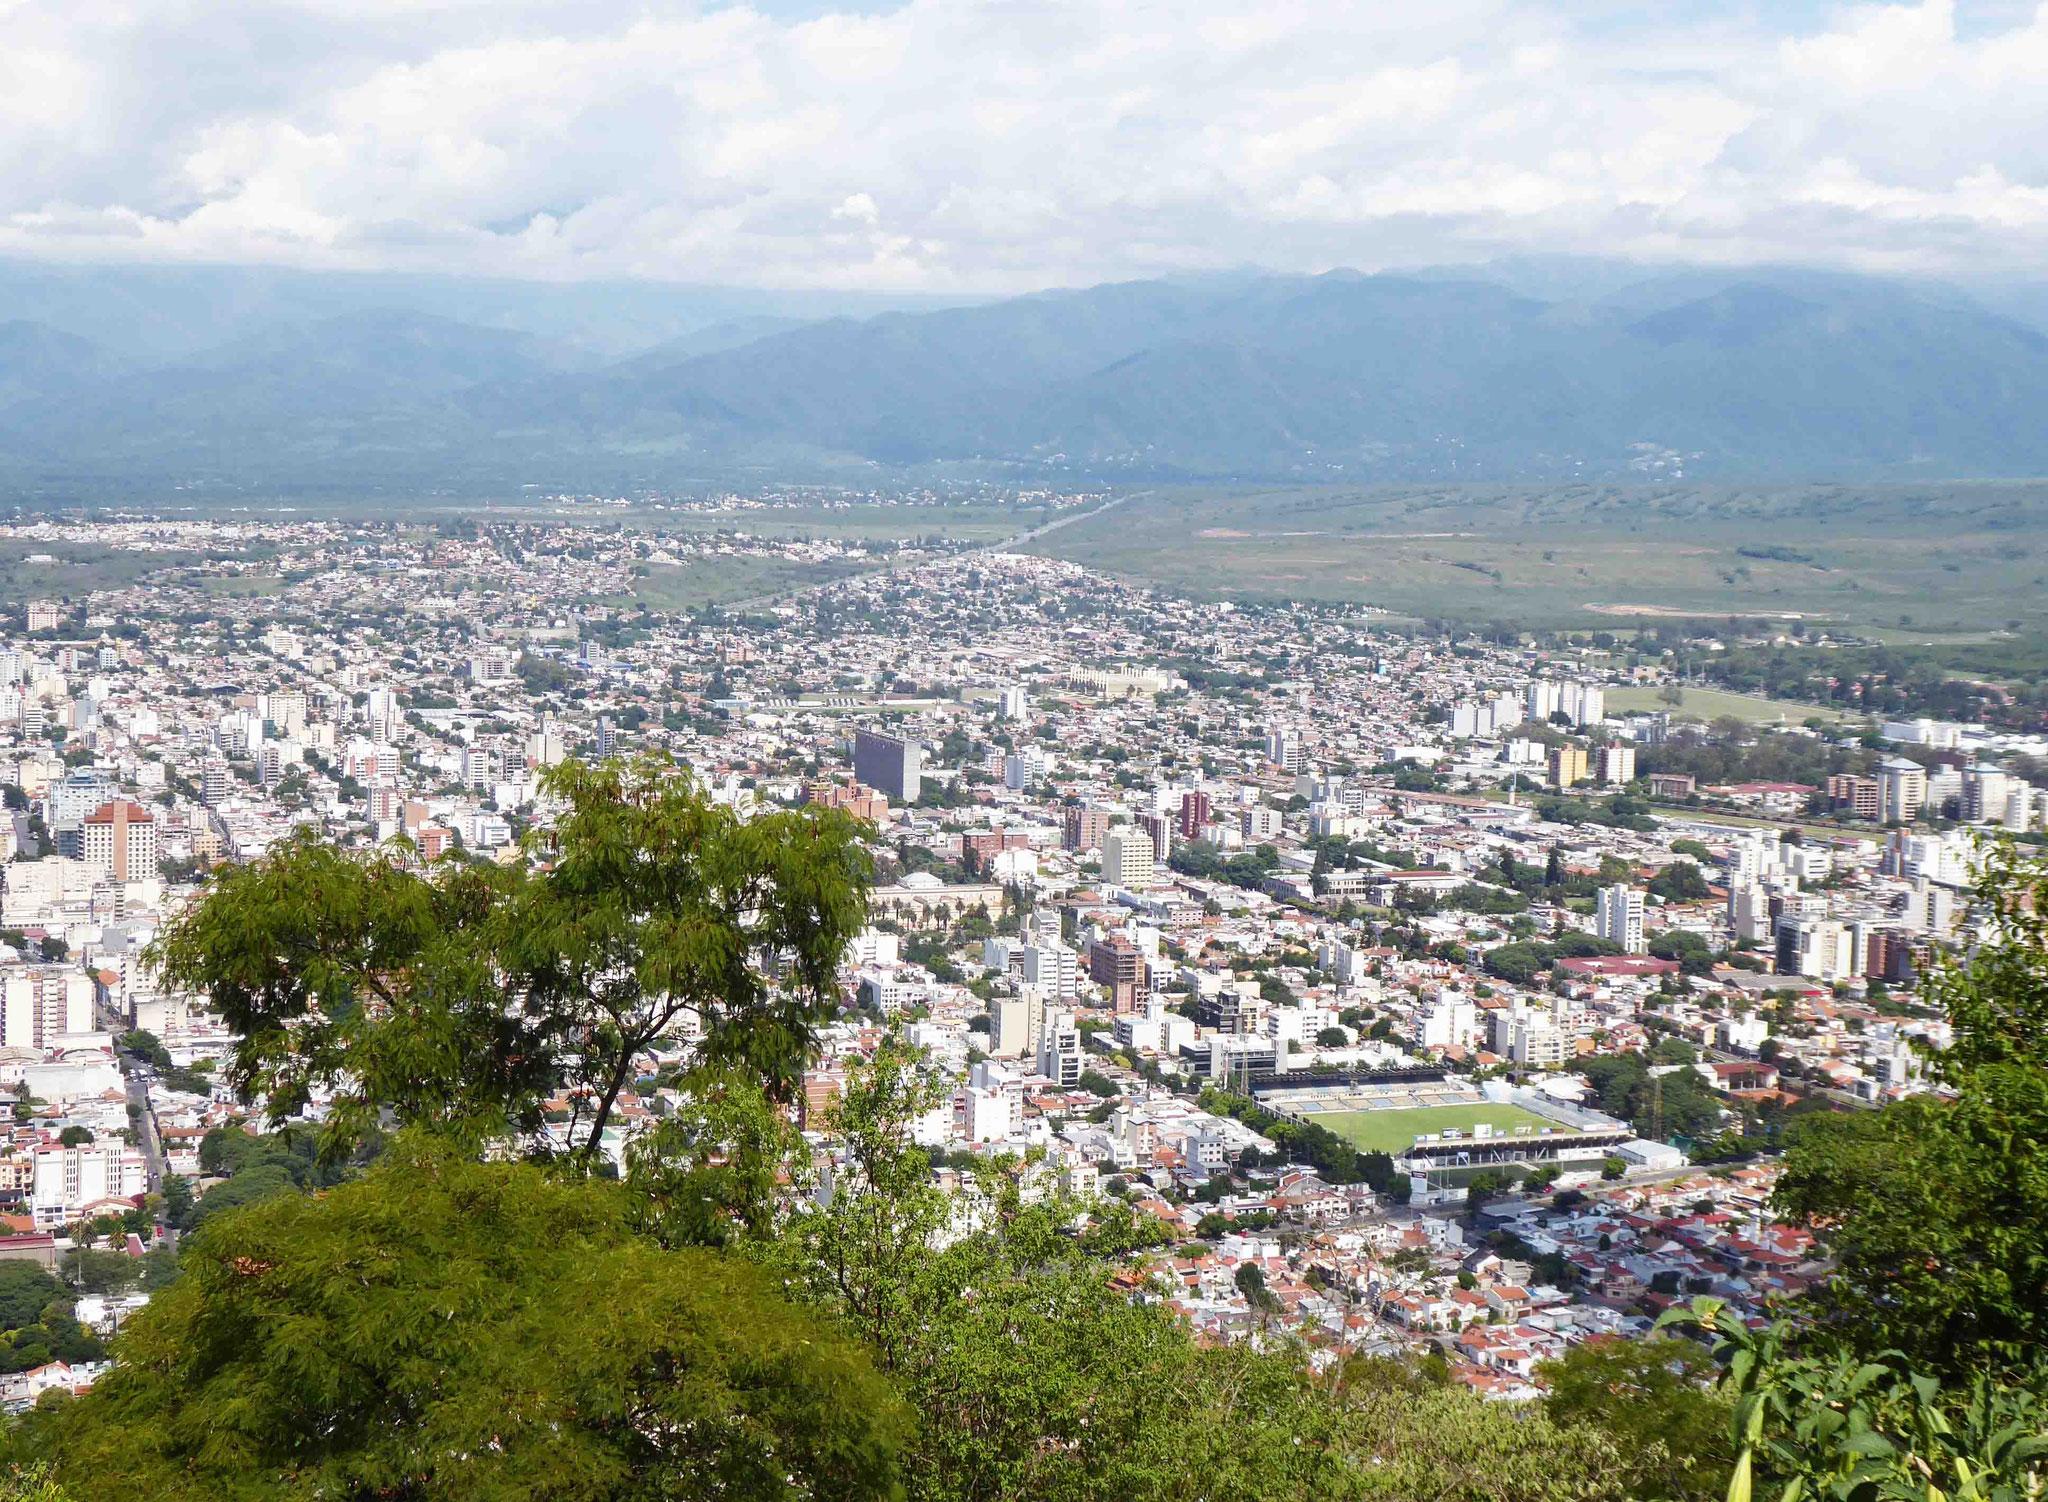 Du haut de San Bernardo, Salta la linda au pied et les sommets de San Lorenzo au fond